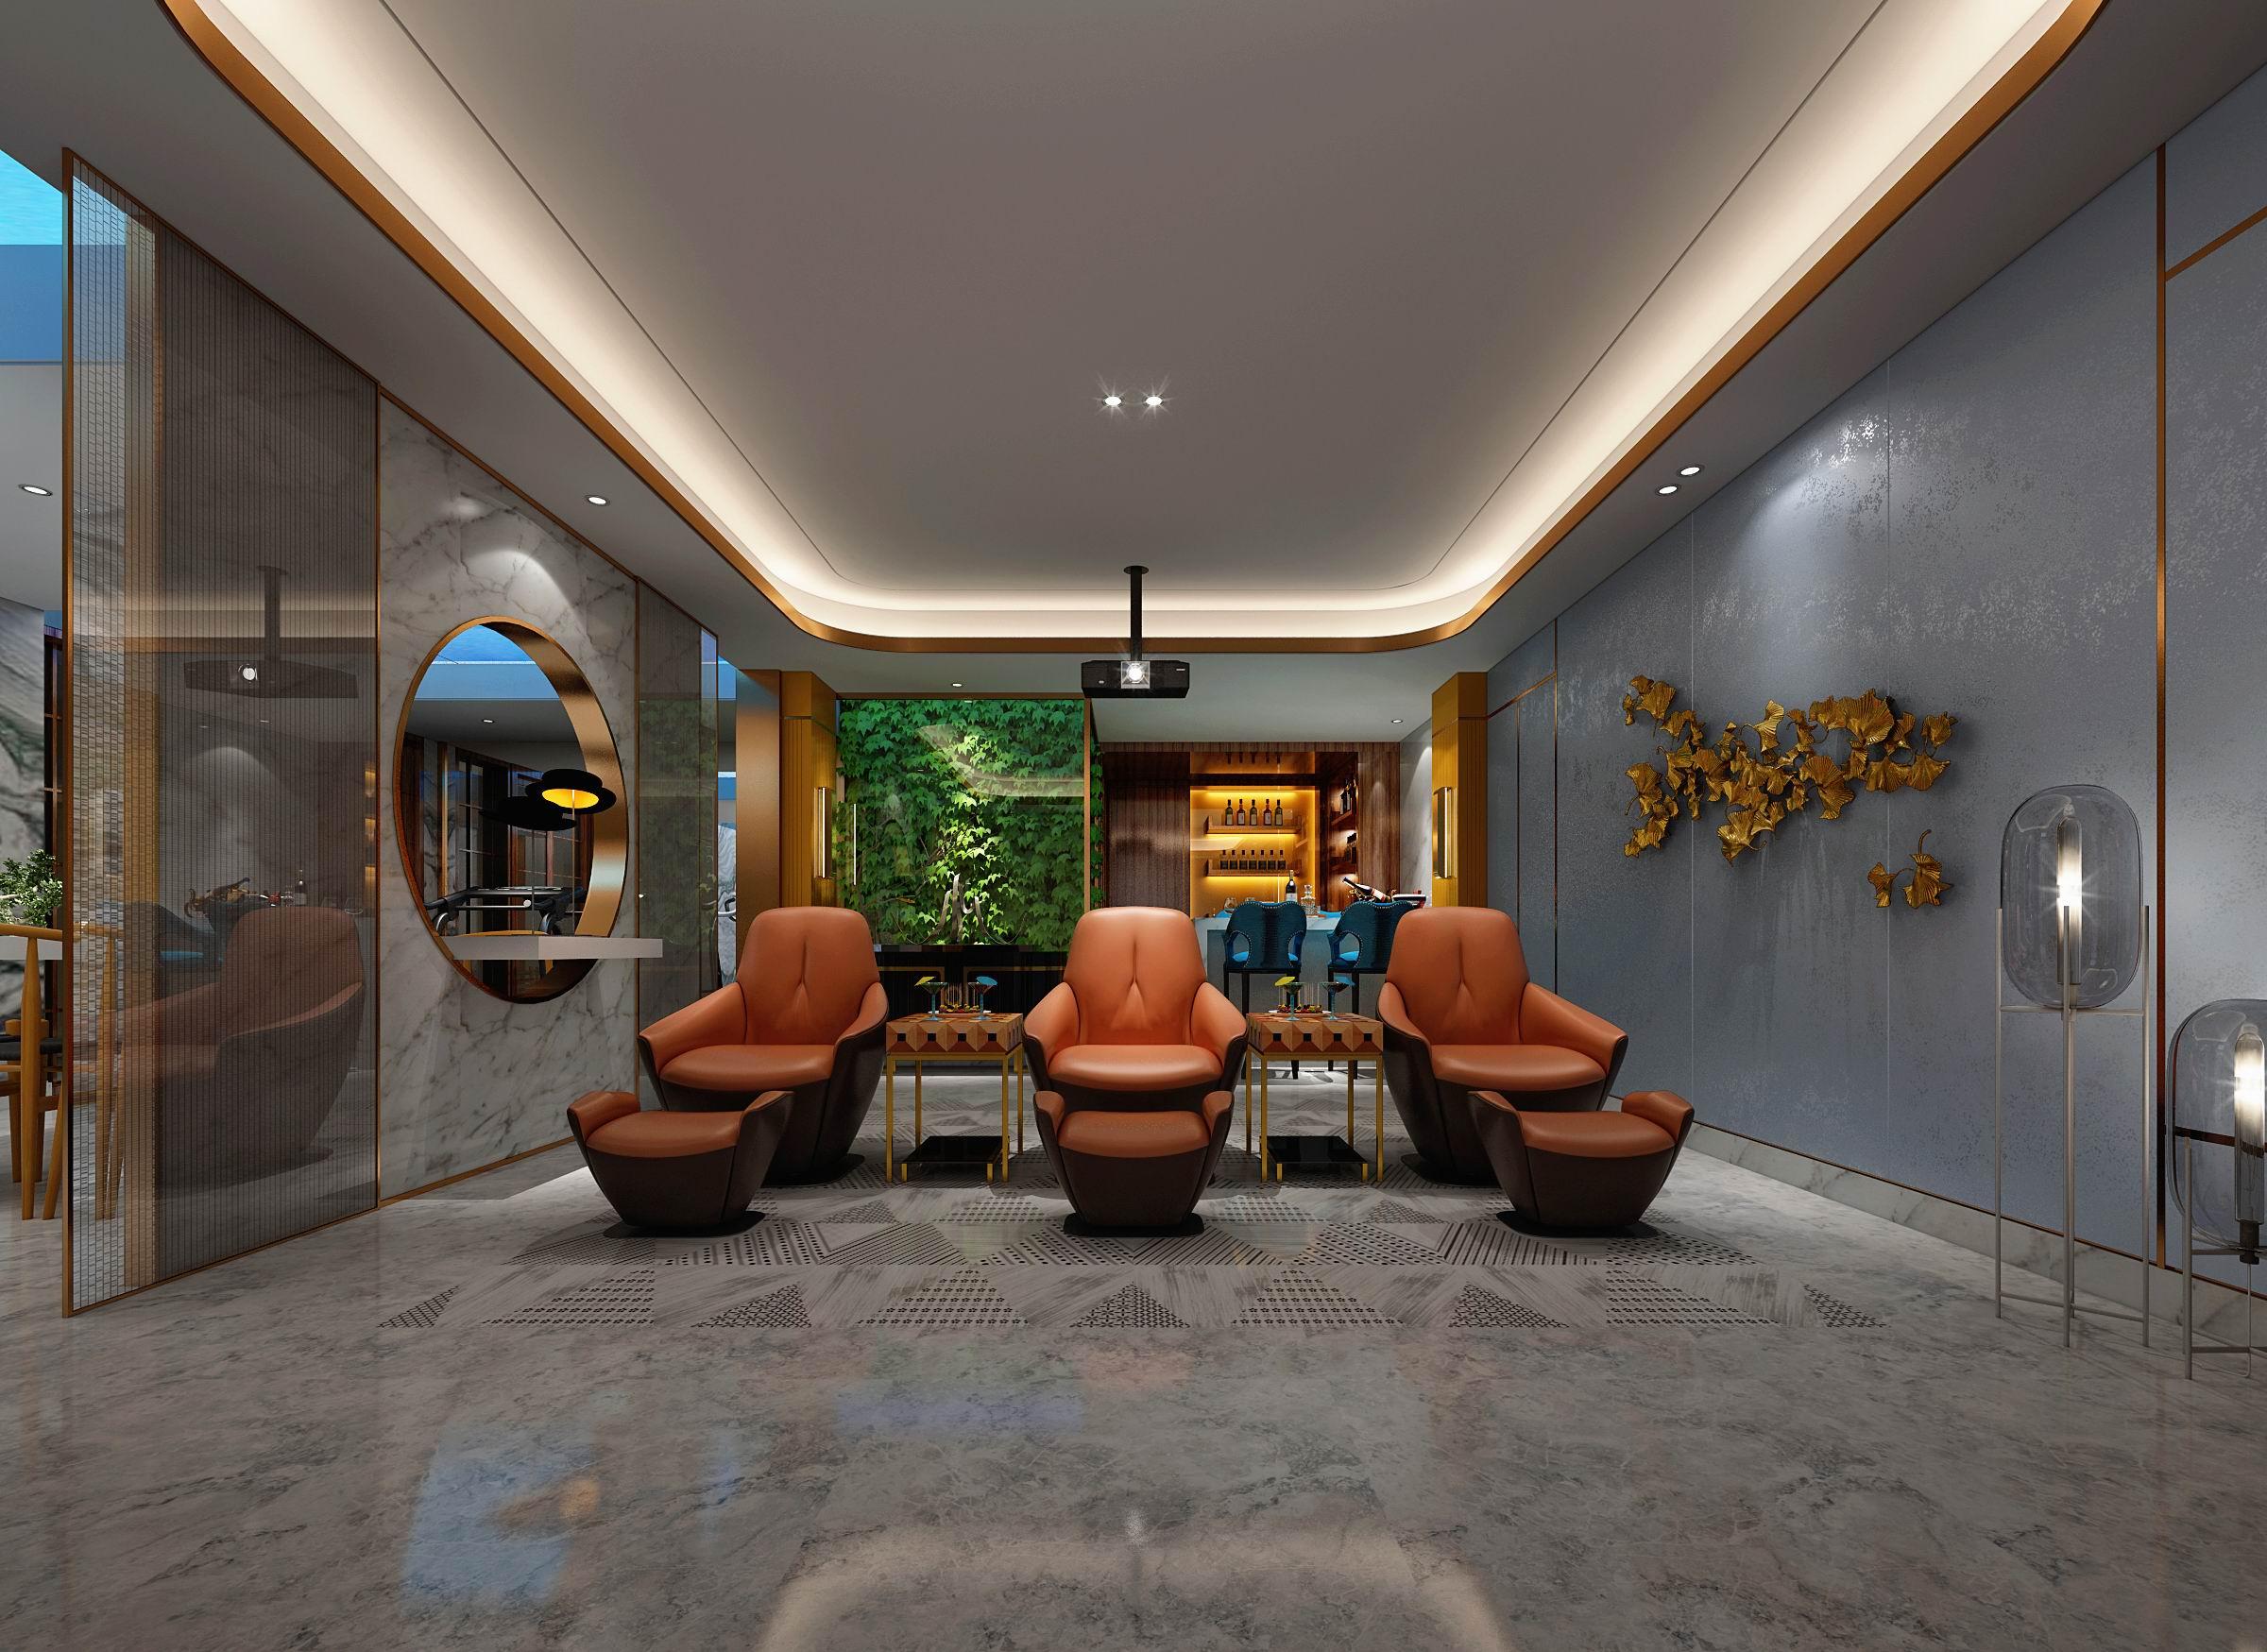 别墅 设计 装修 案例 港式风格 影音室图片来自无锡别墅设计s在复地源墅440㎡港式风格别墅案例的分享